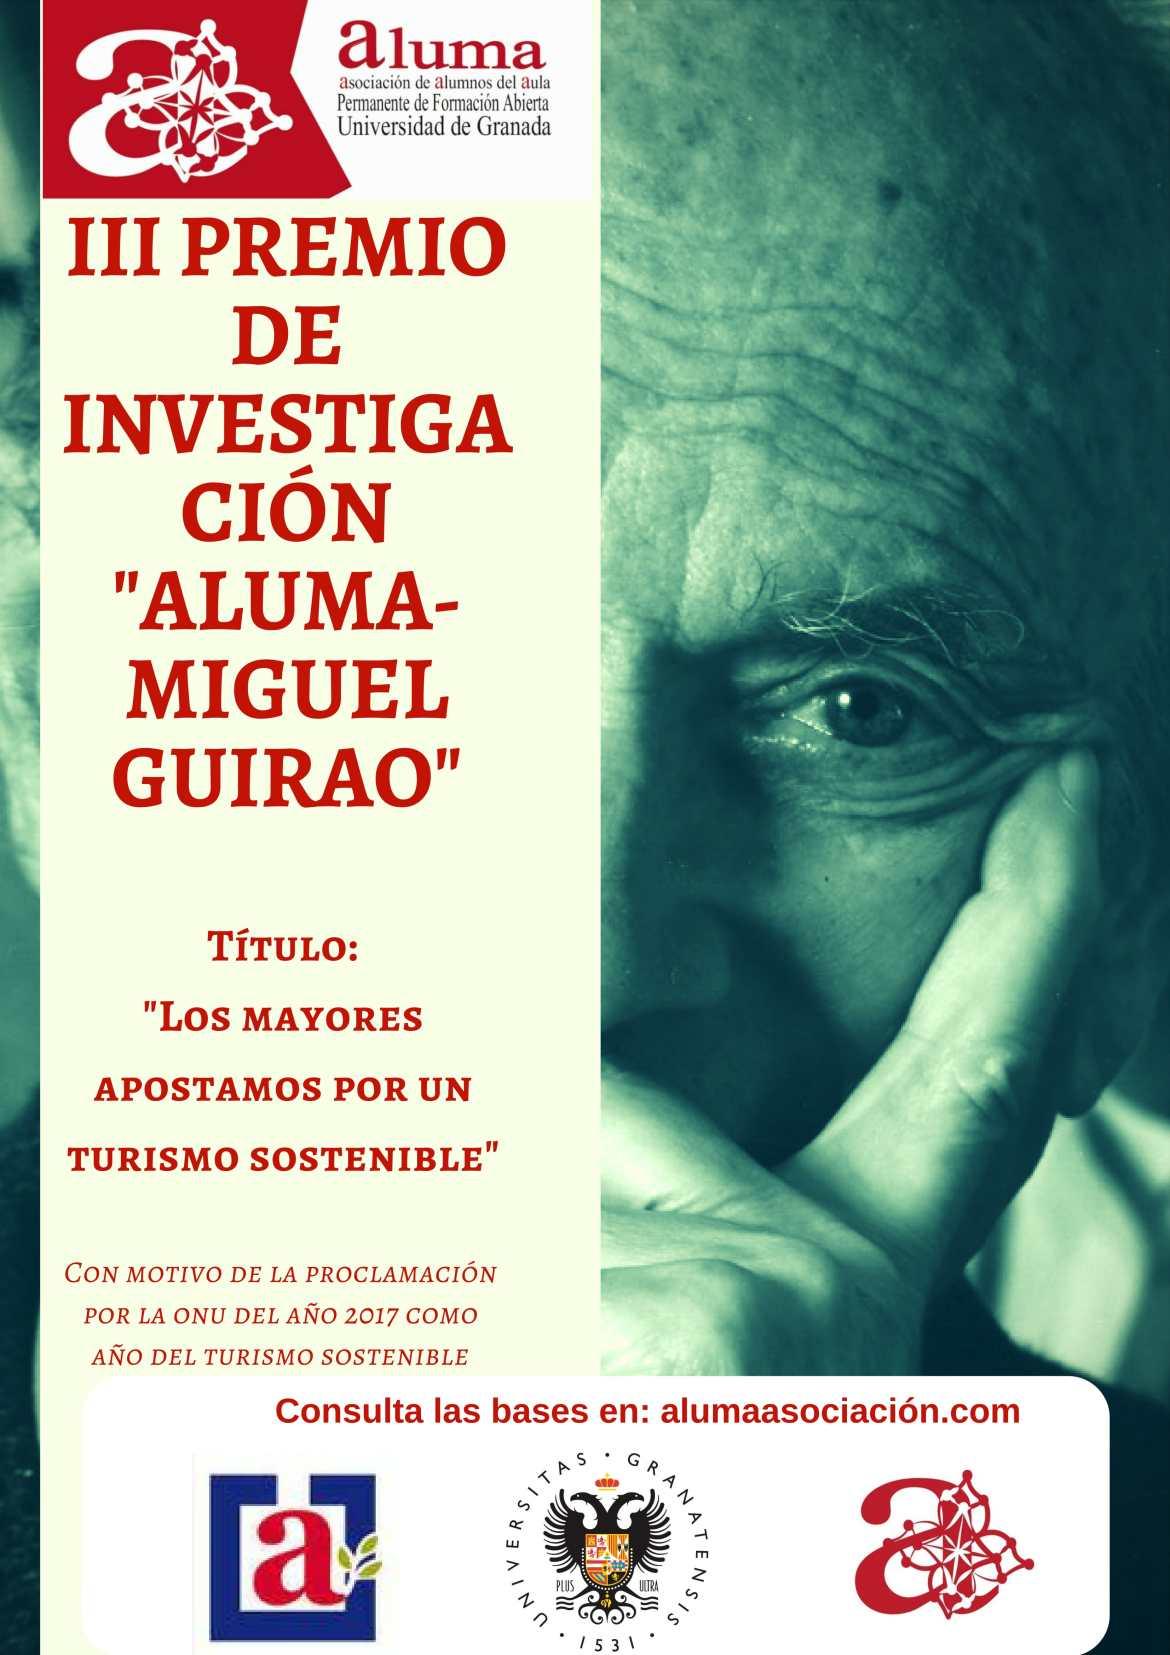 III Premio de Investigación -aluma-miguel guirao--1